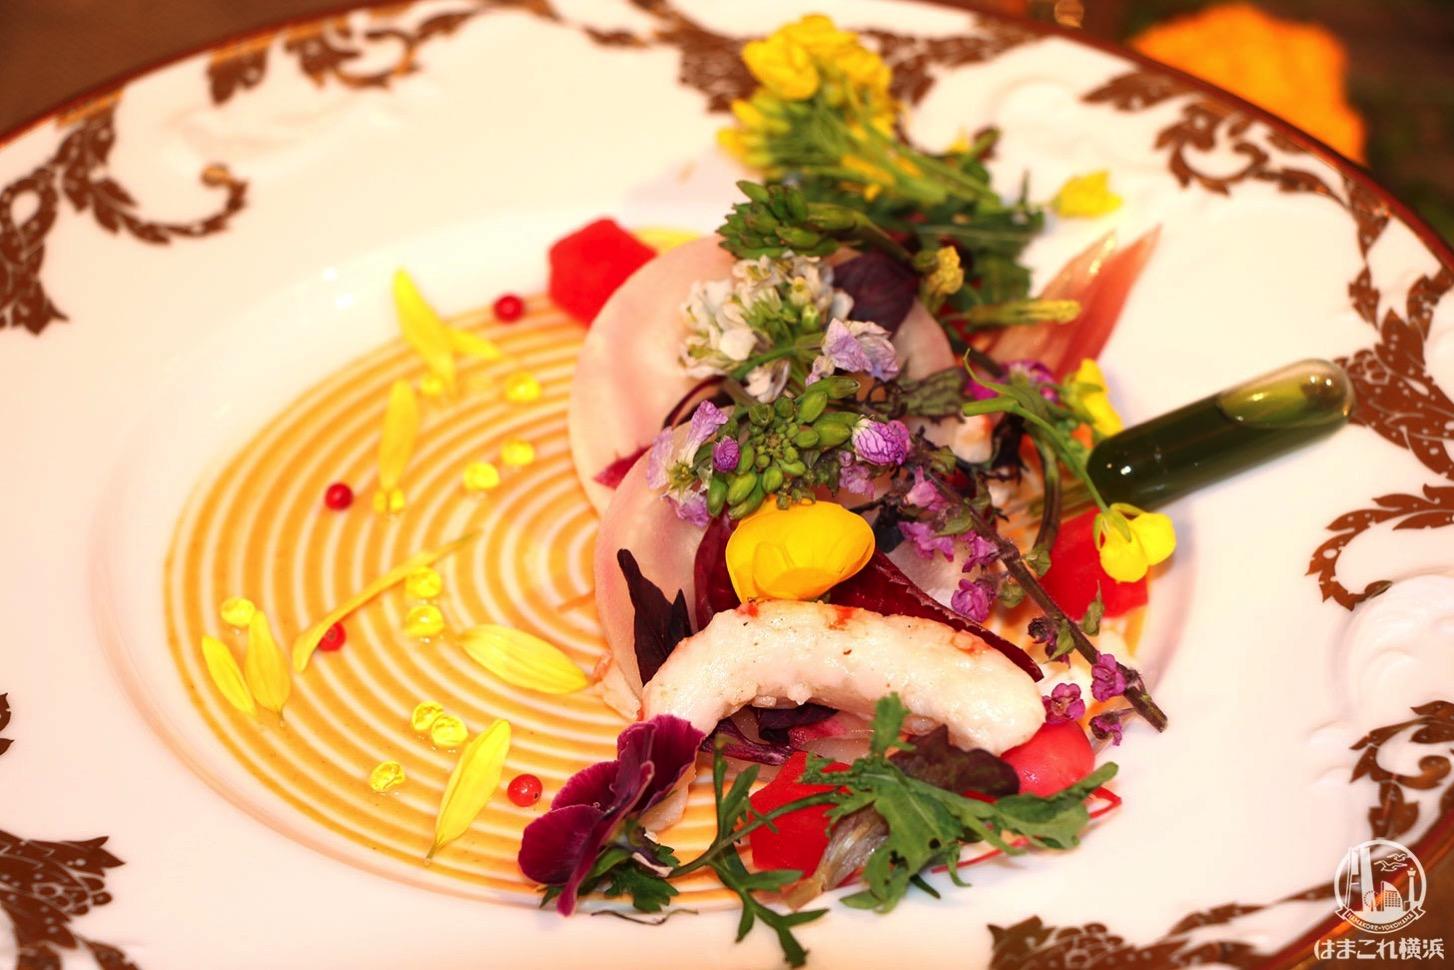 浜ベイホテル東急 ベジタリアン料理とビーガン料理